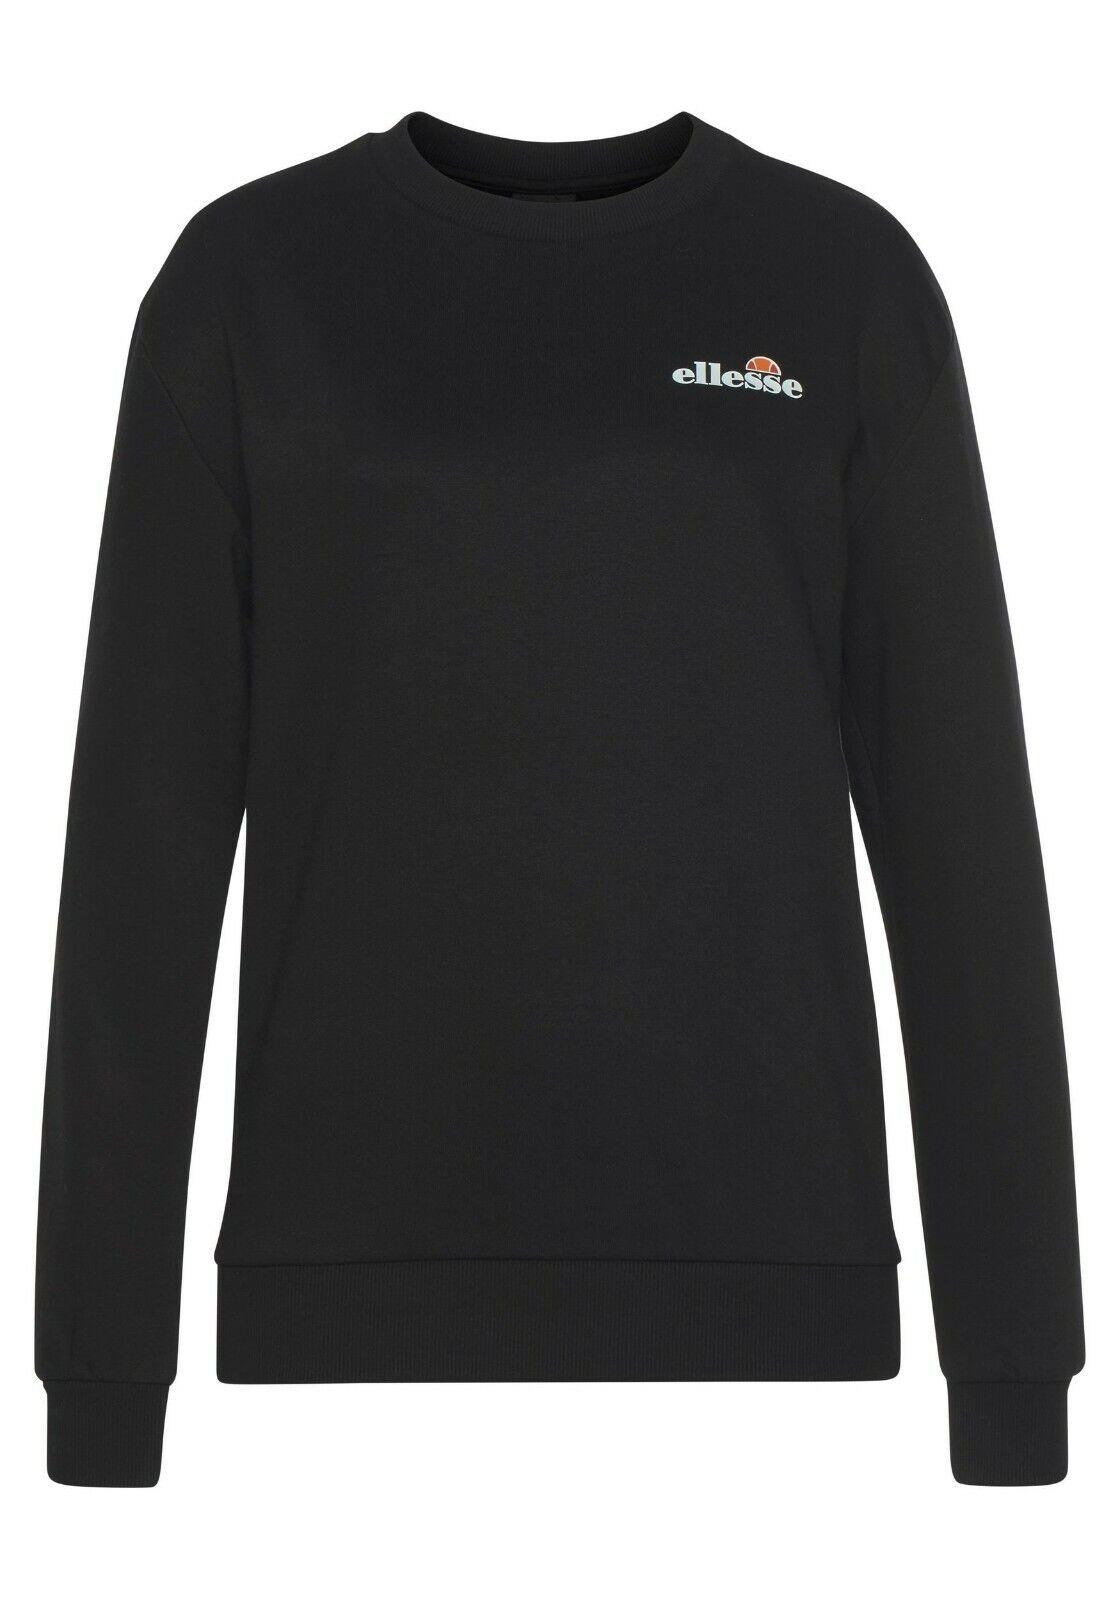 Ellesse Sweatshirt »ARVELLO SWEATSHIRT« Innen weich angeraut , Gr. 38